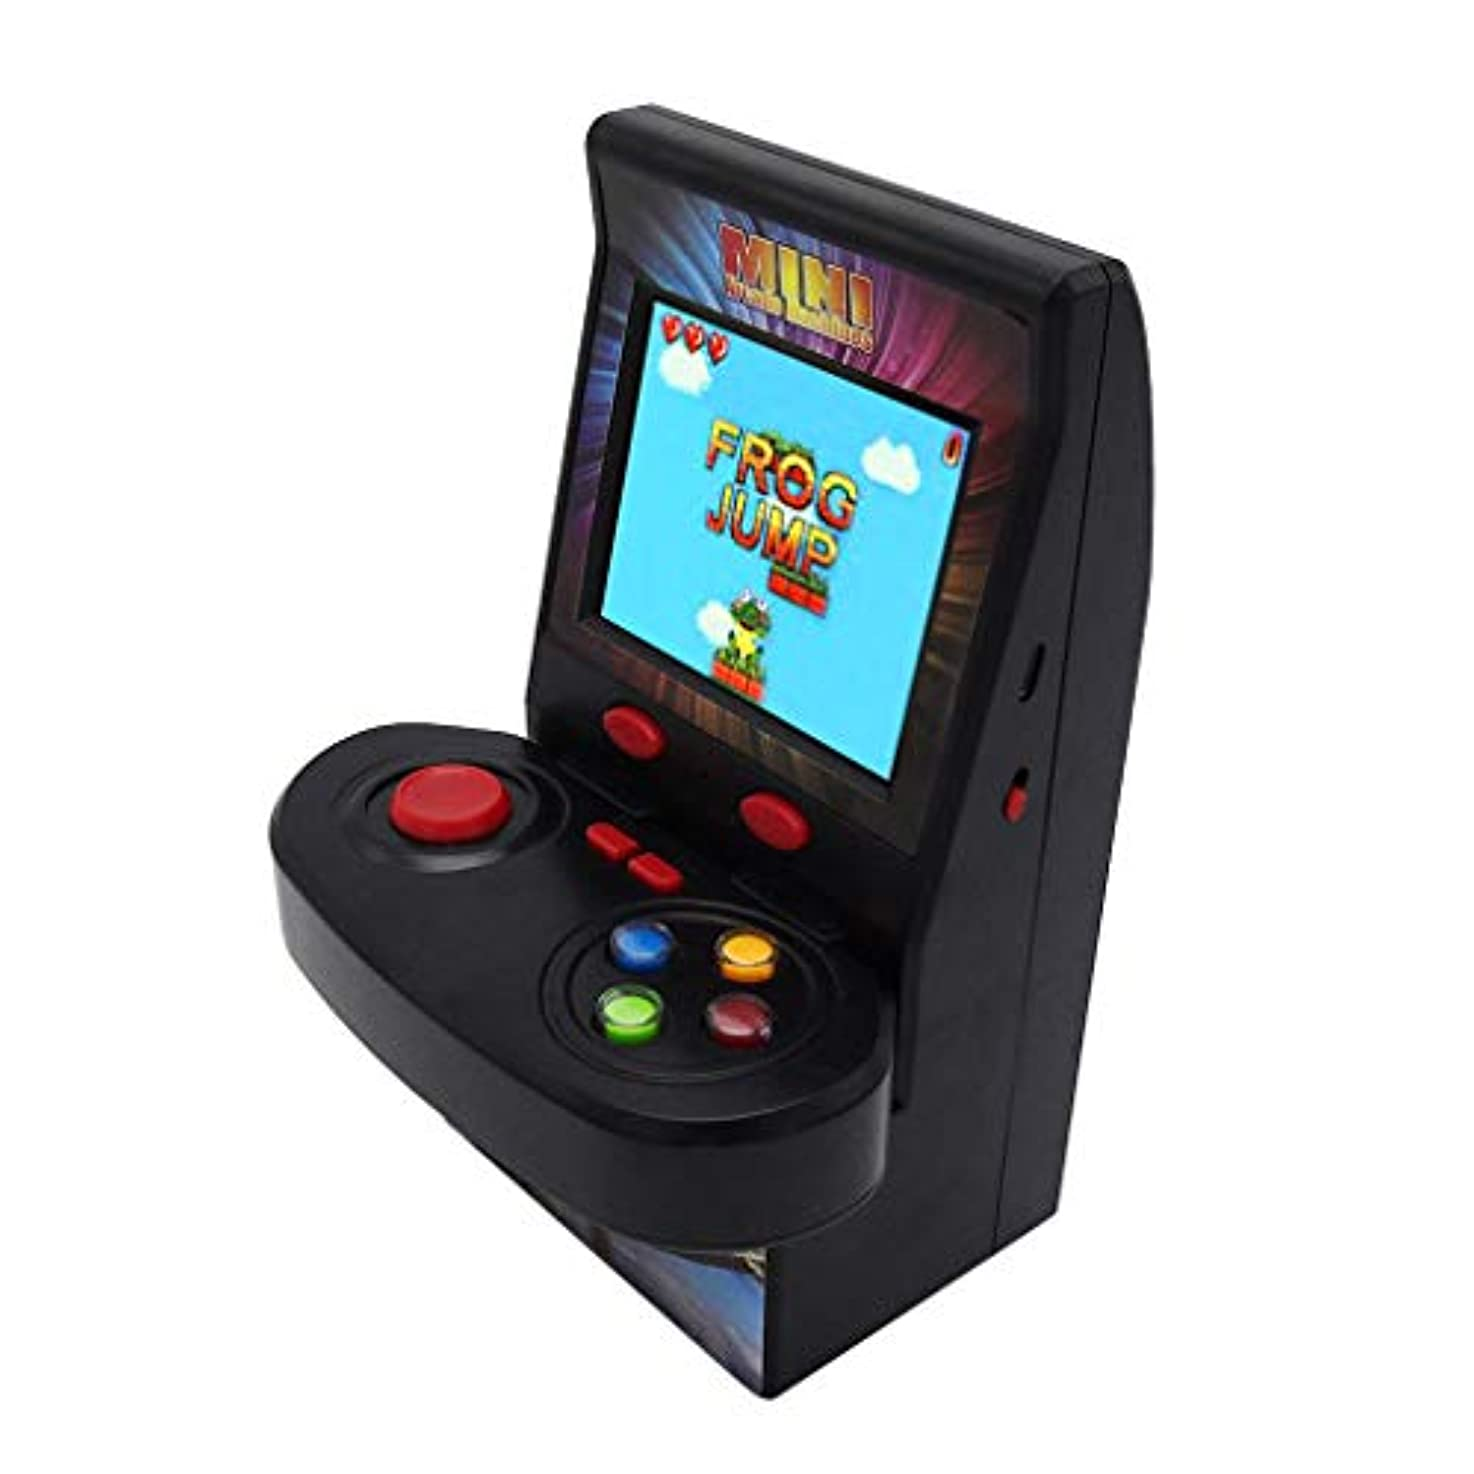 禁止歴史的立派な携帯ゲーム機 ゲームプレーヤー ワイヤレスジョイスティック アーケードゲーム コンソール シングルハンドル ゲームコンソール ノスタルジック100ゲームhuajuan